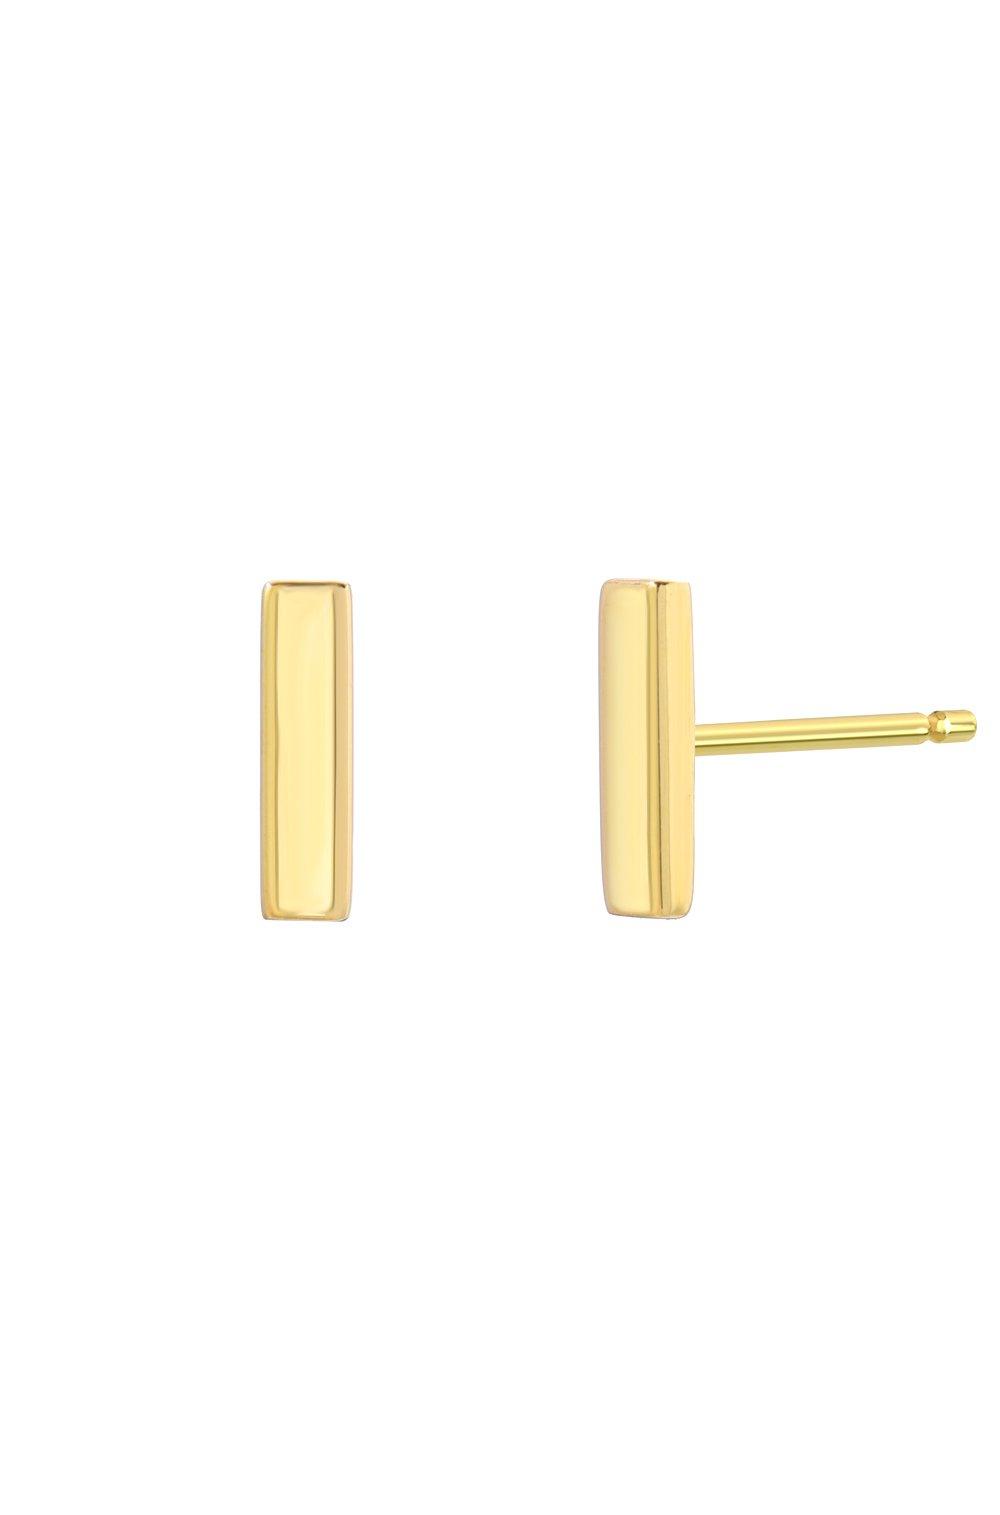 14k gold bar stud earrings, Zoe Lev Jewelry